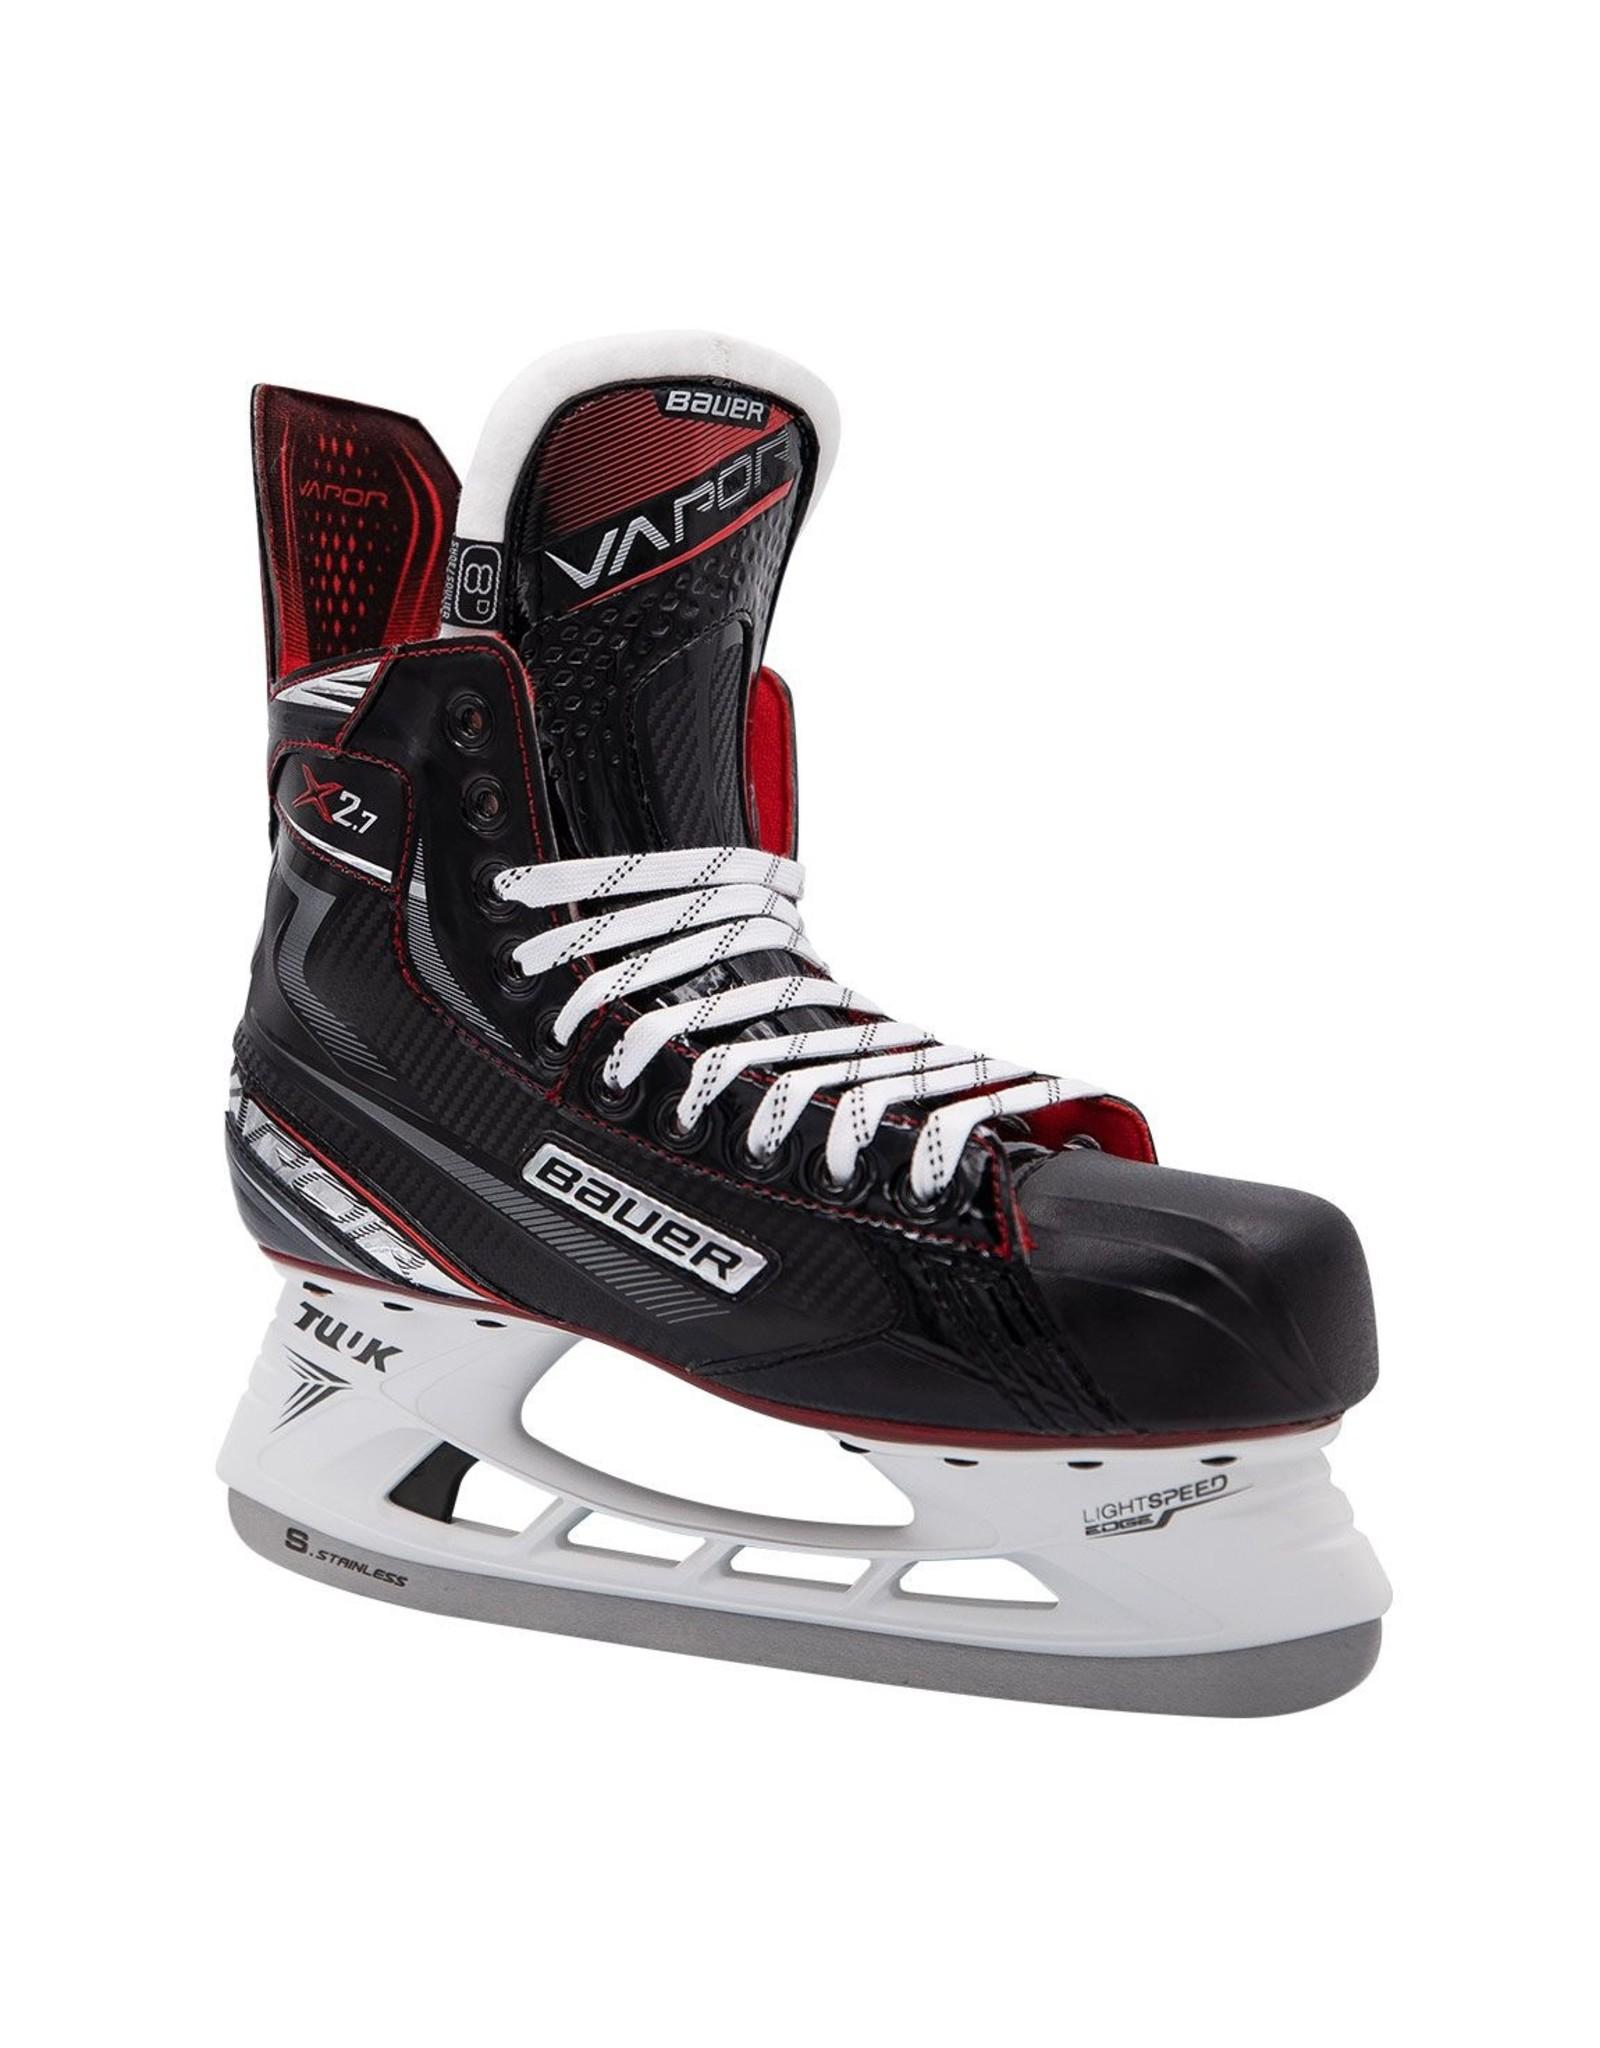 Bauer Hockey - Canada BAUER VAPOR X2.7 SKATE '19 - SR